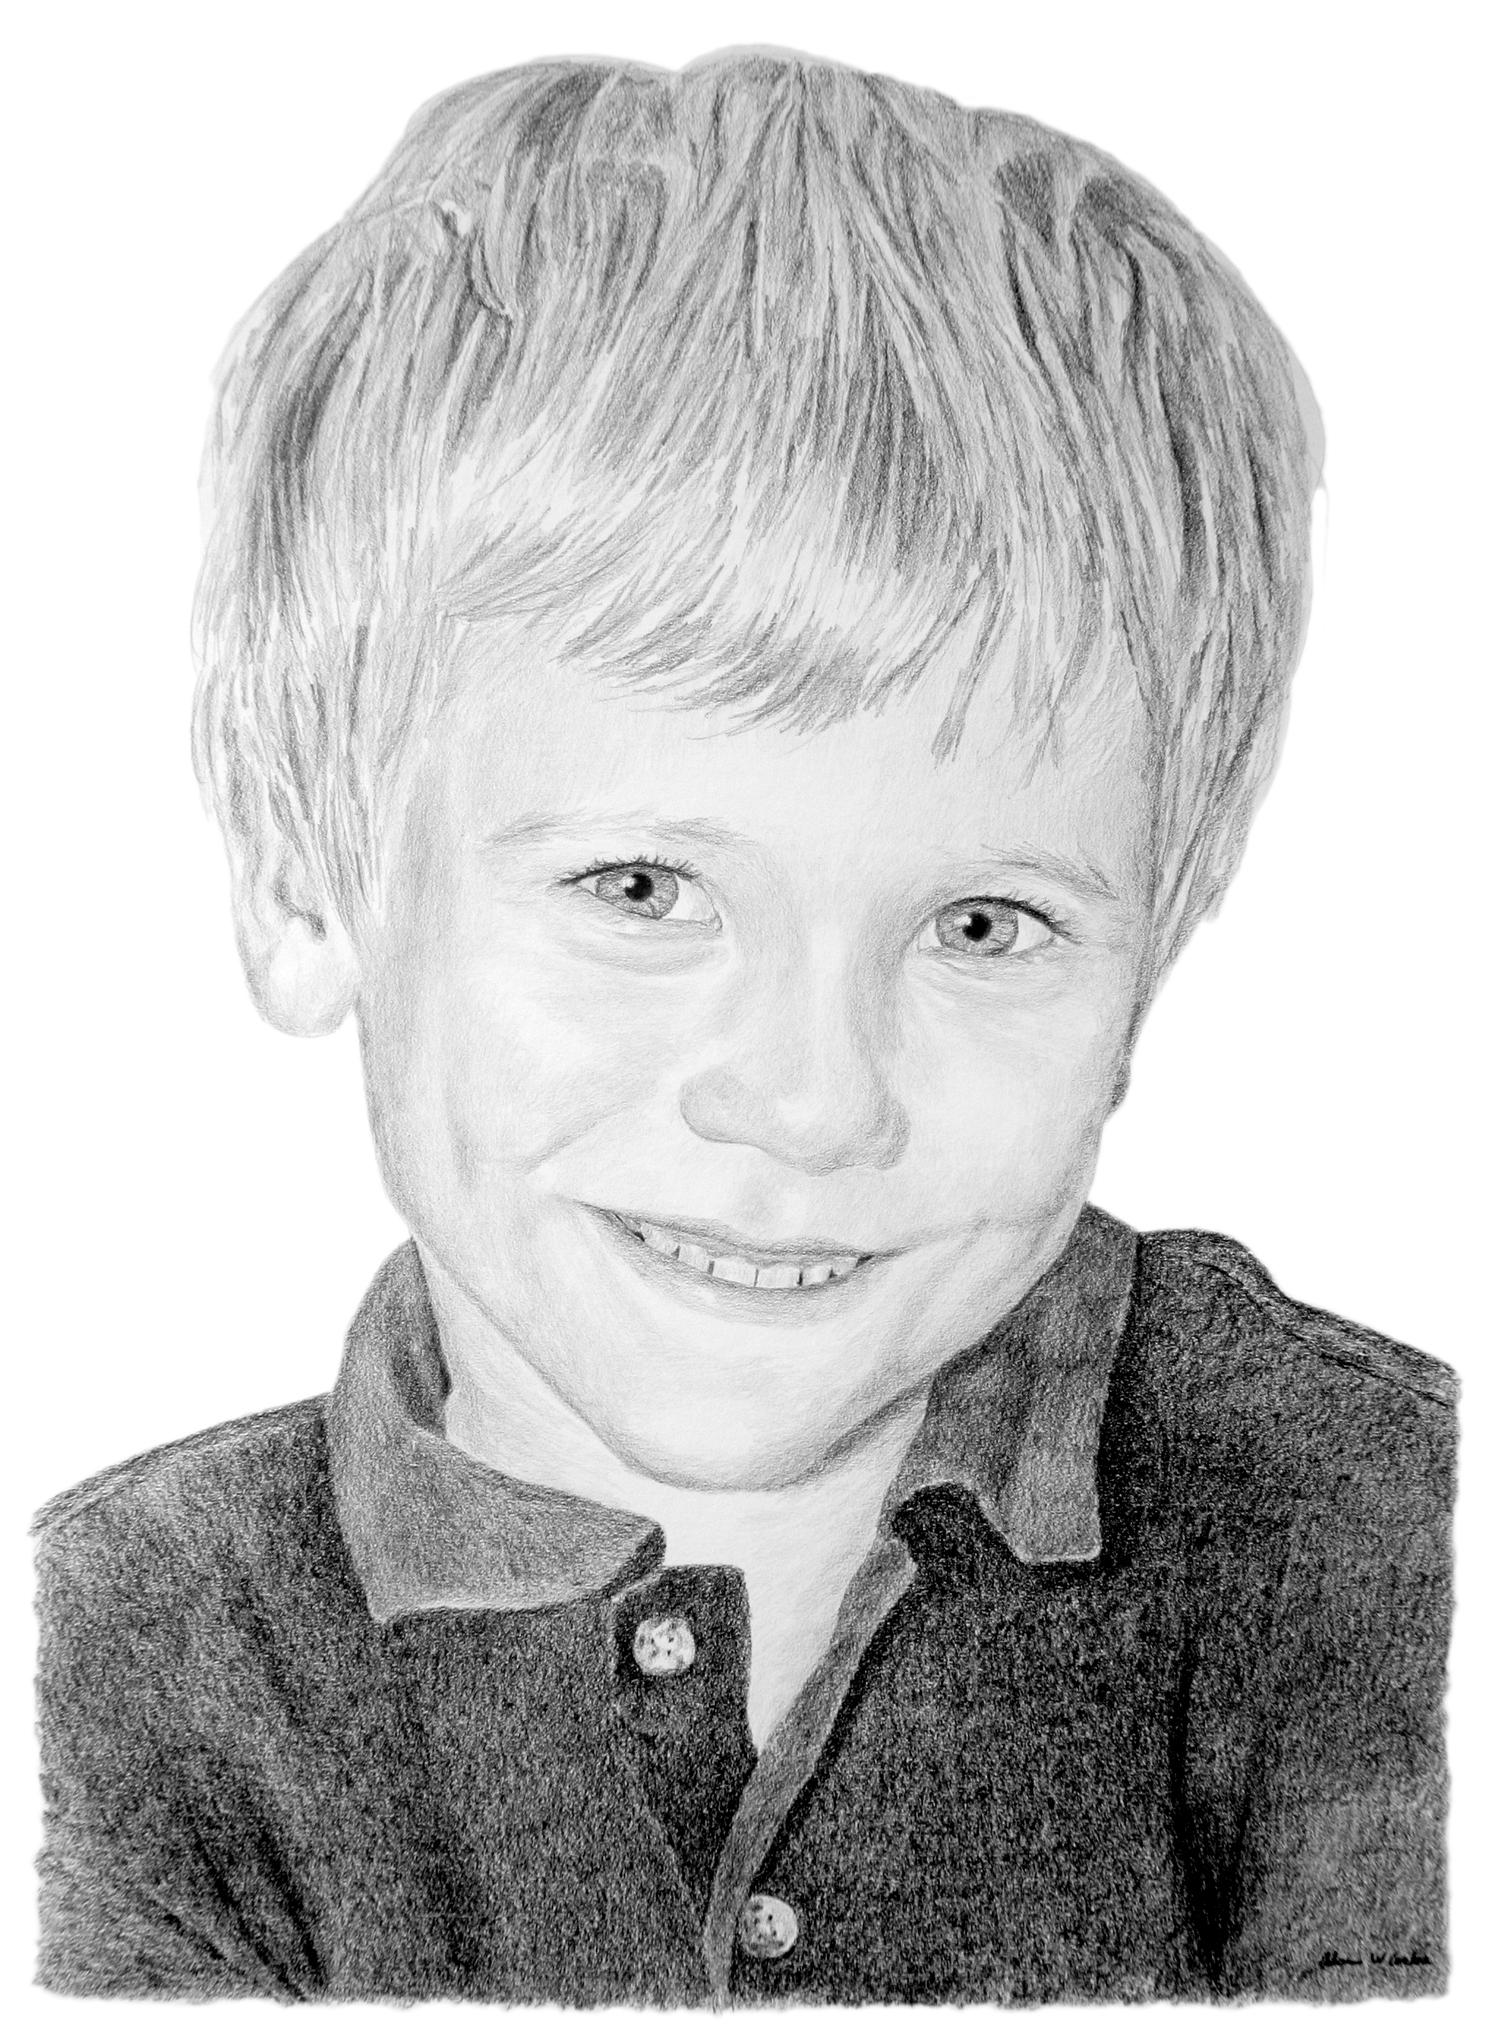 Adam-Carlos-Children- Portrait-026.jpg